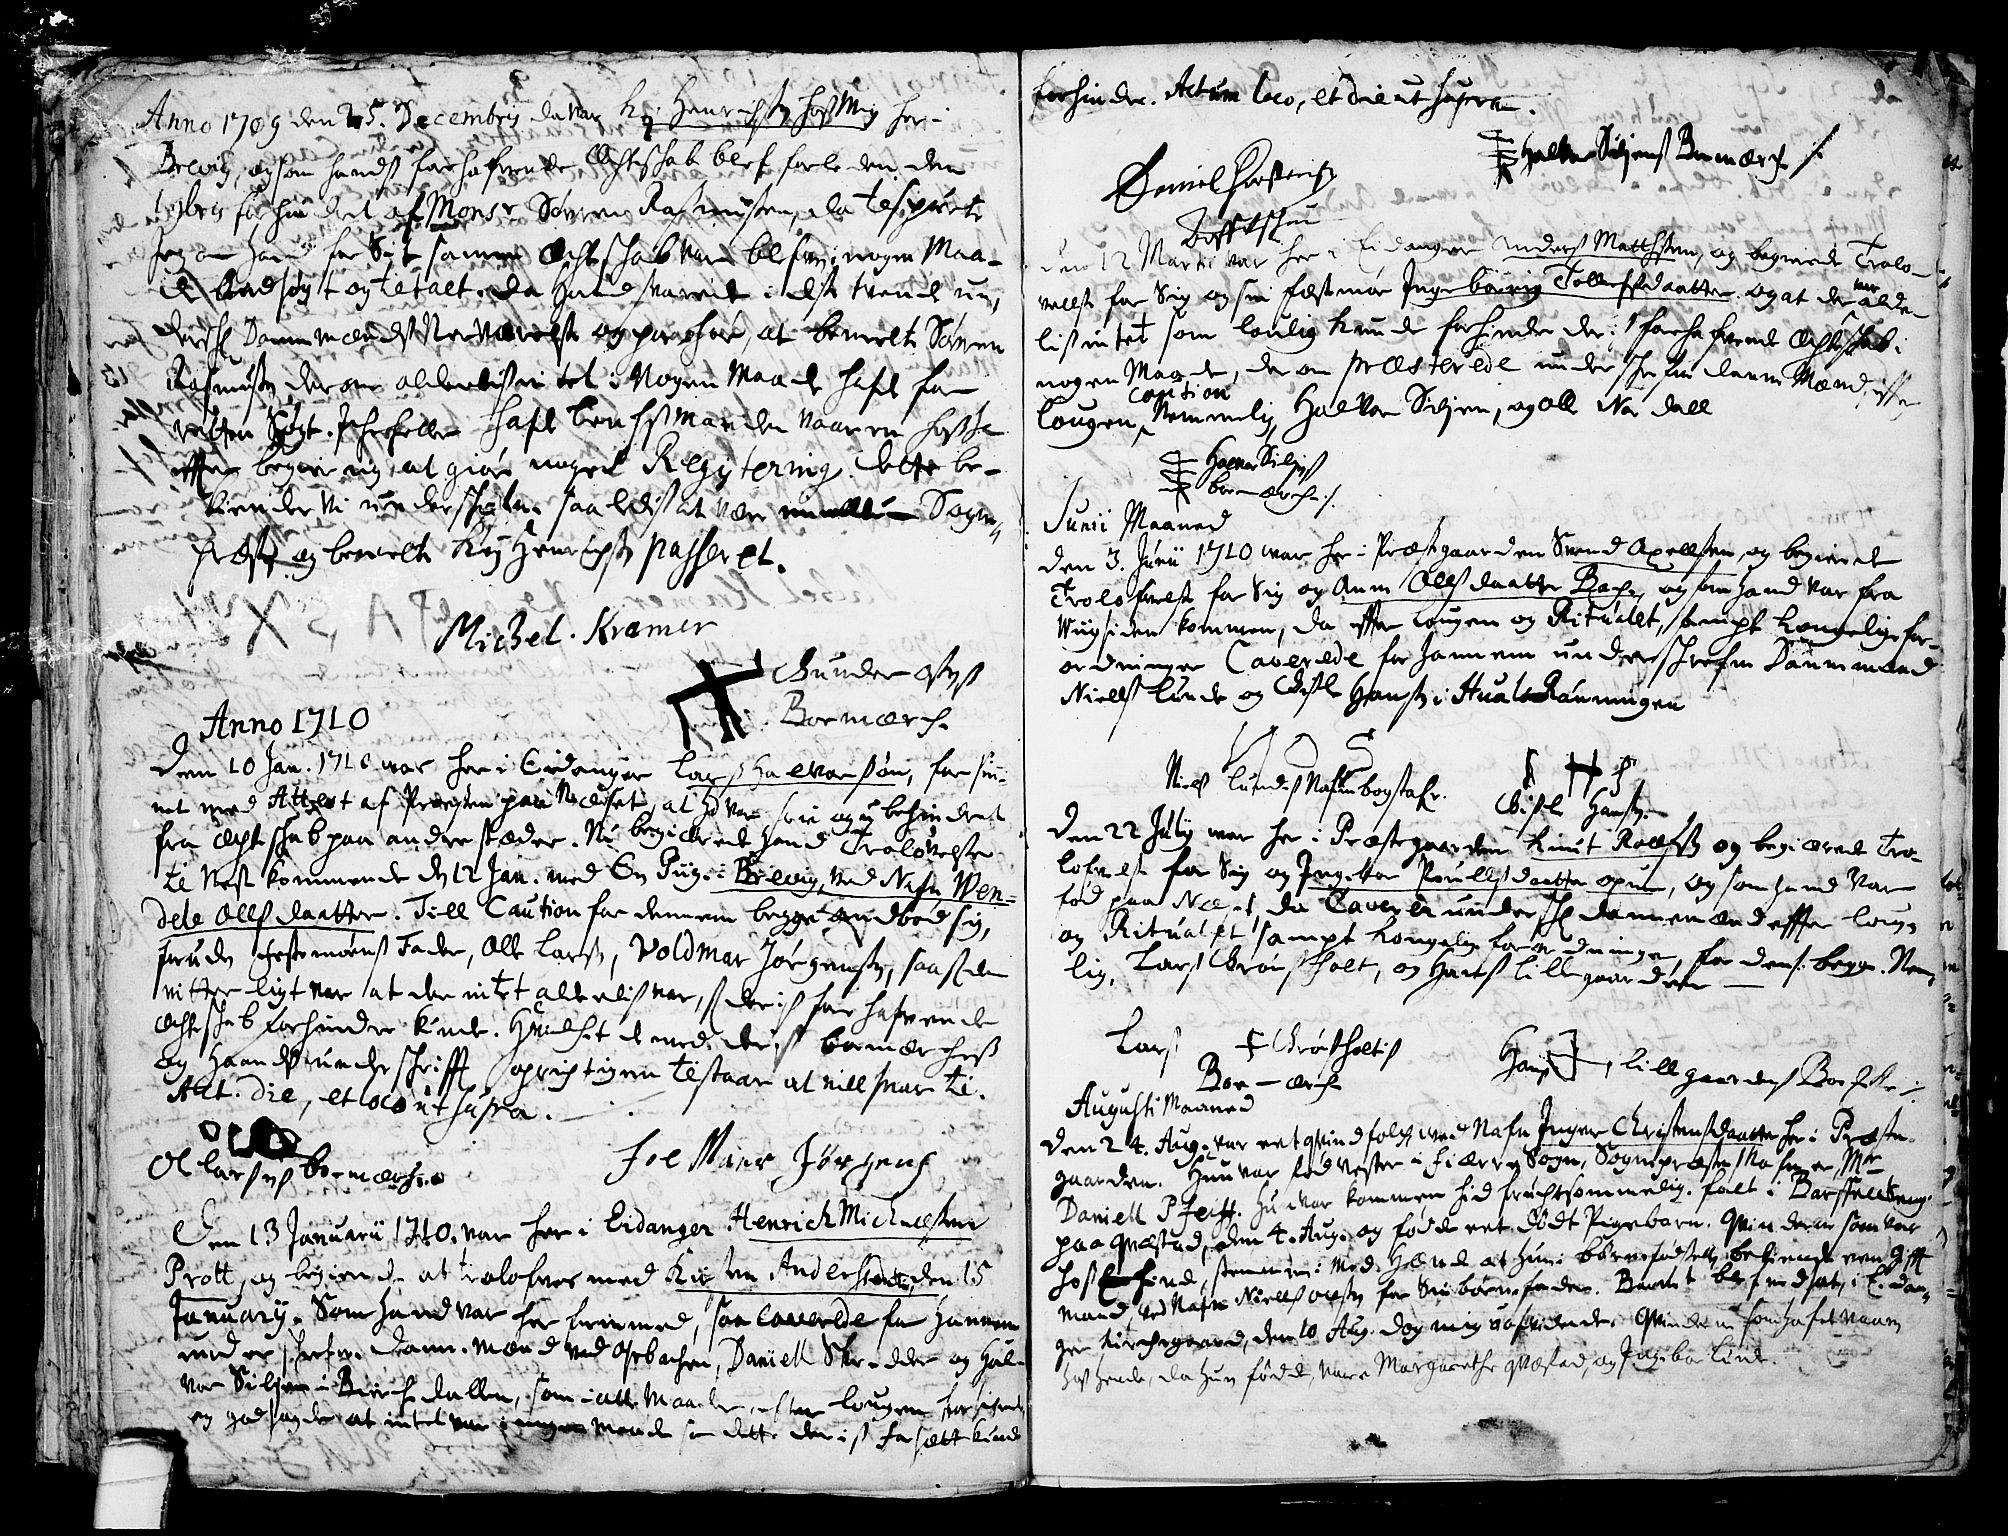 SAKO, Eidanger kirkebøker, F/Fa/L0001: Ministerialbok nr. 1, 1695-1717, s. 34